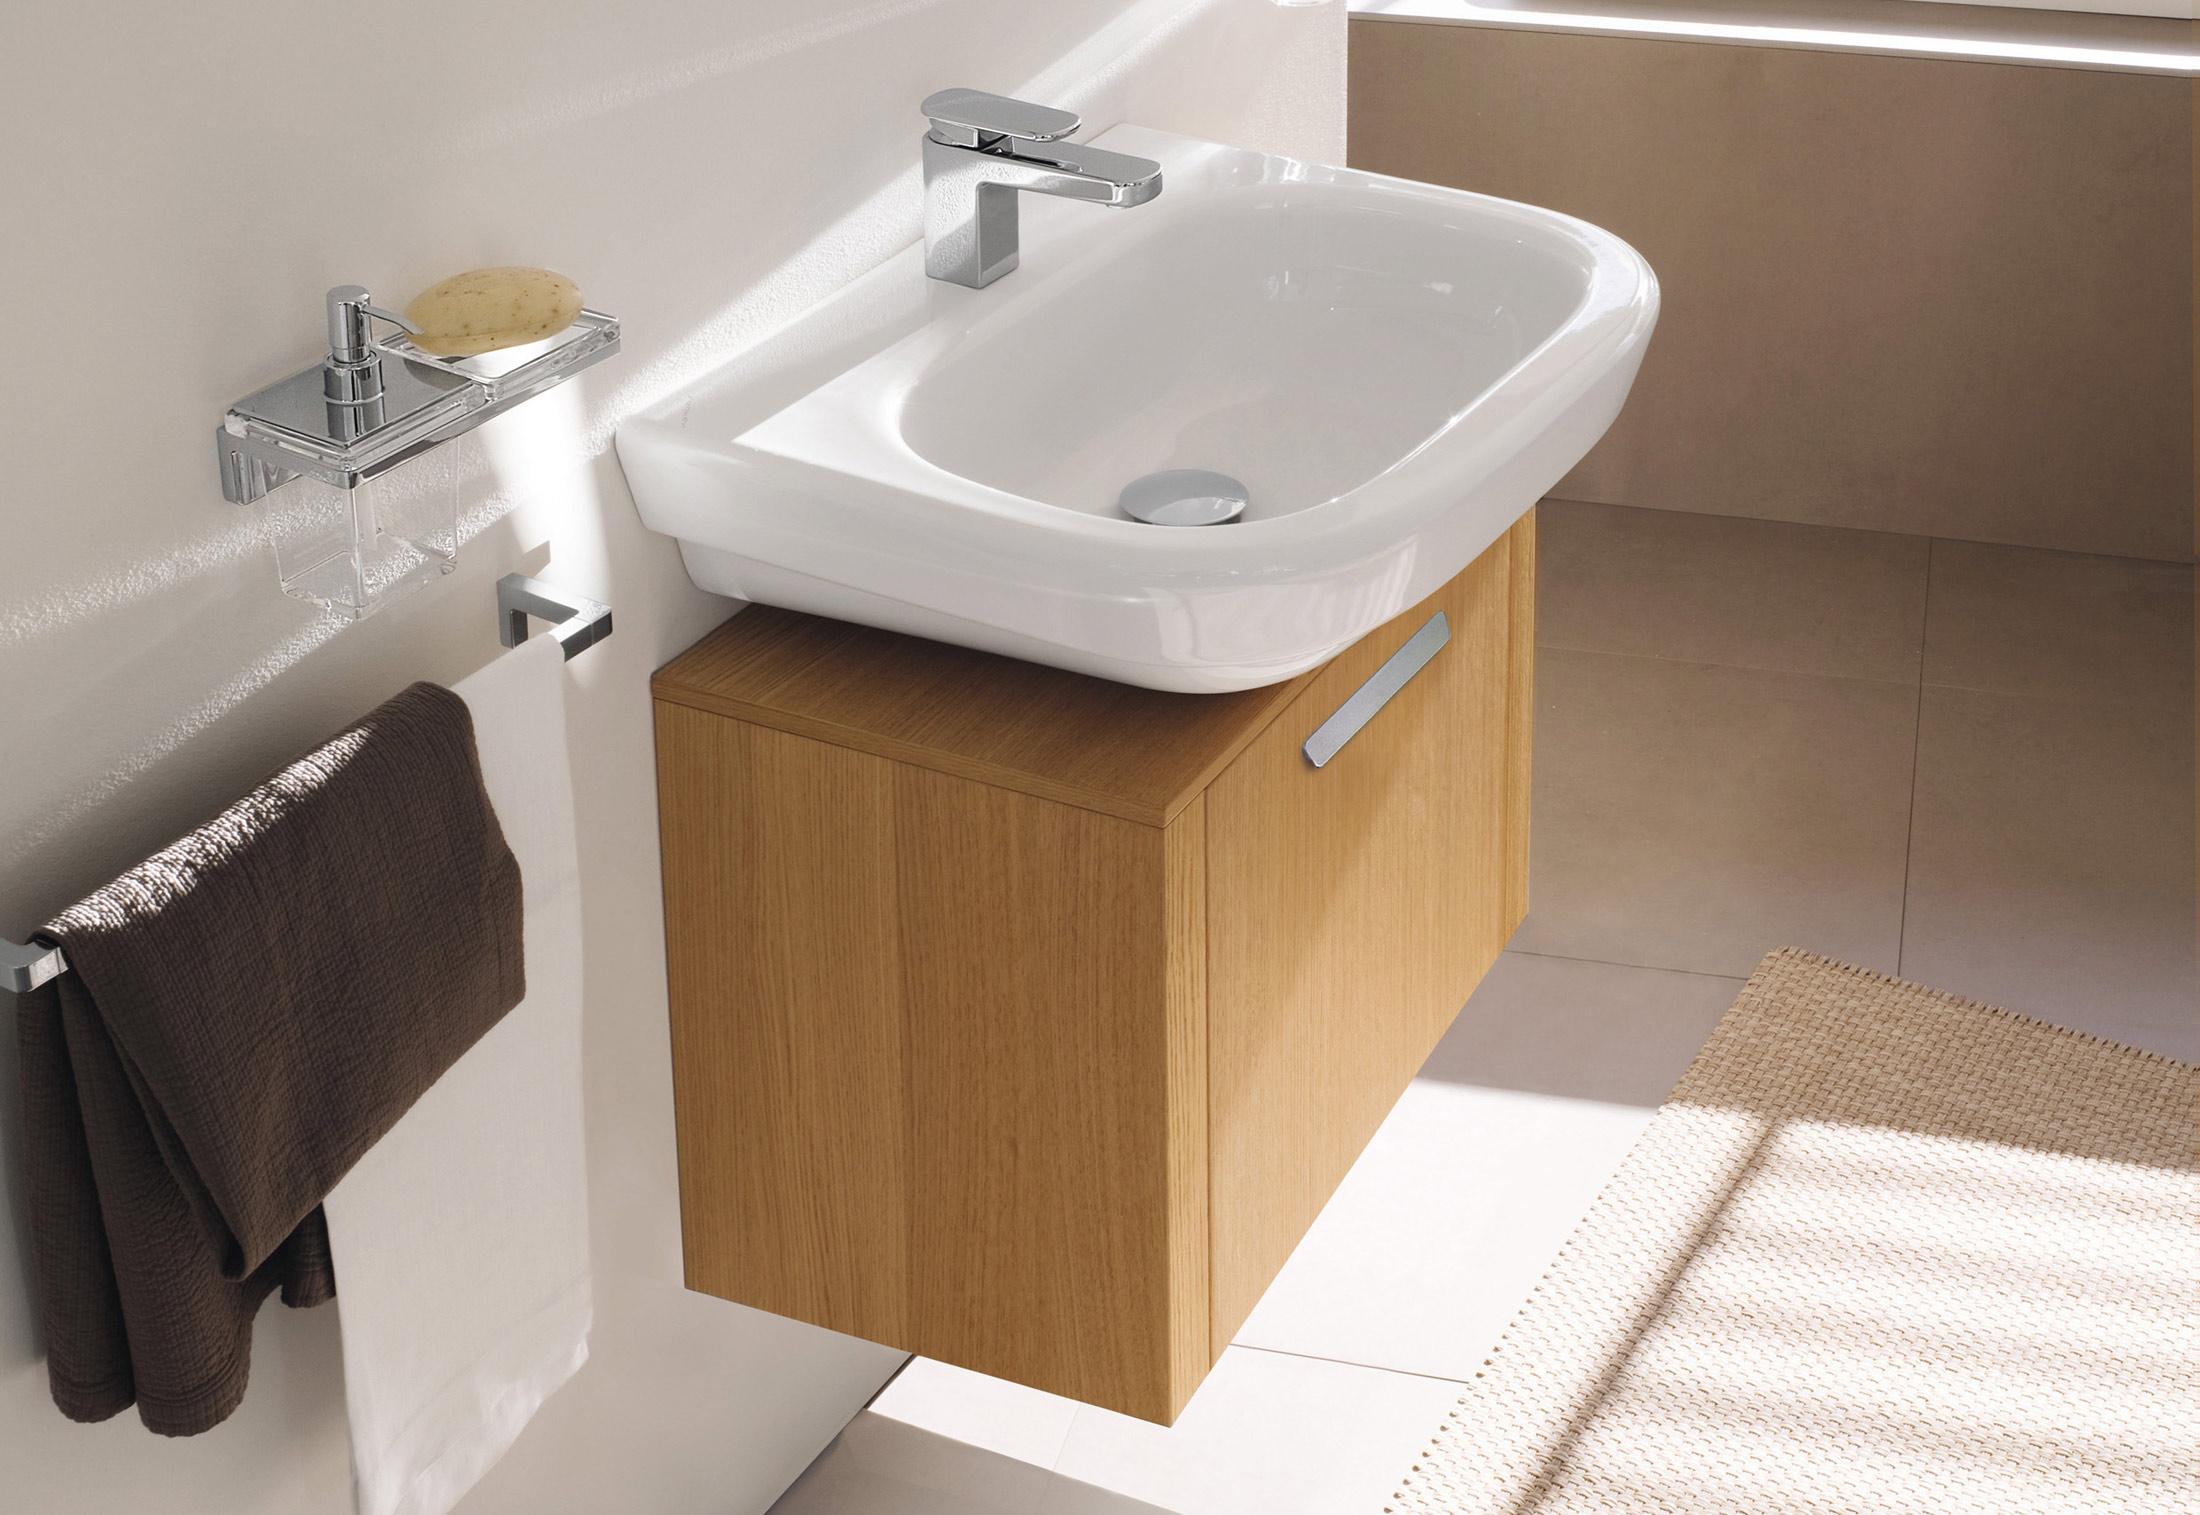 Lb3 Waschtischunterschrank modern von Laufen | STYLEPARK | {Waschtischunterschrank modern 18}